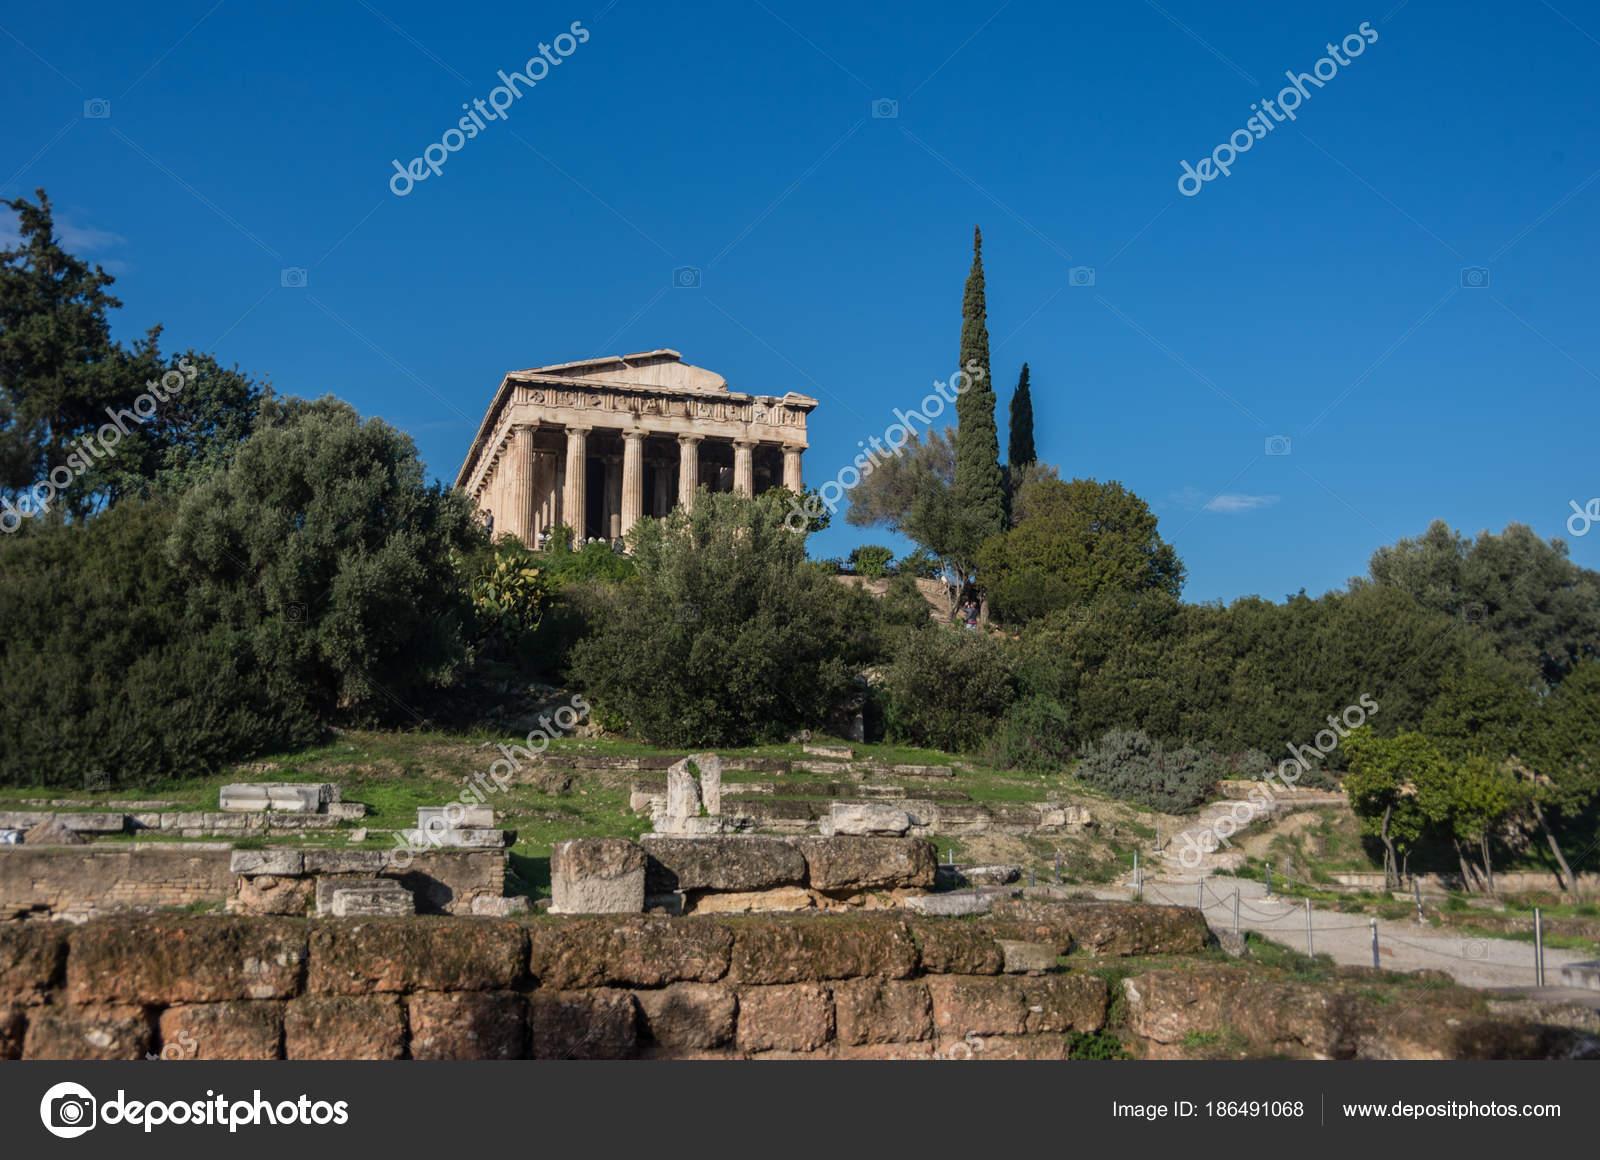 Πες μας τα όλα με μια φωτό... - Σελίδα 4 Depositphotos_186491068-stock-photo-temple-of-hephaestus-in-ancient